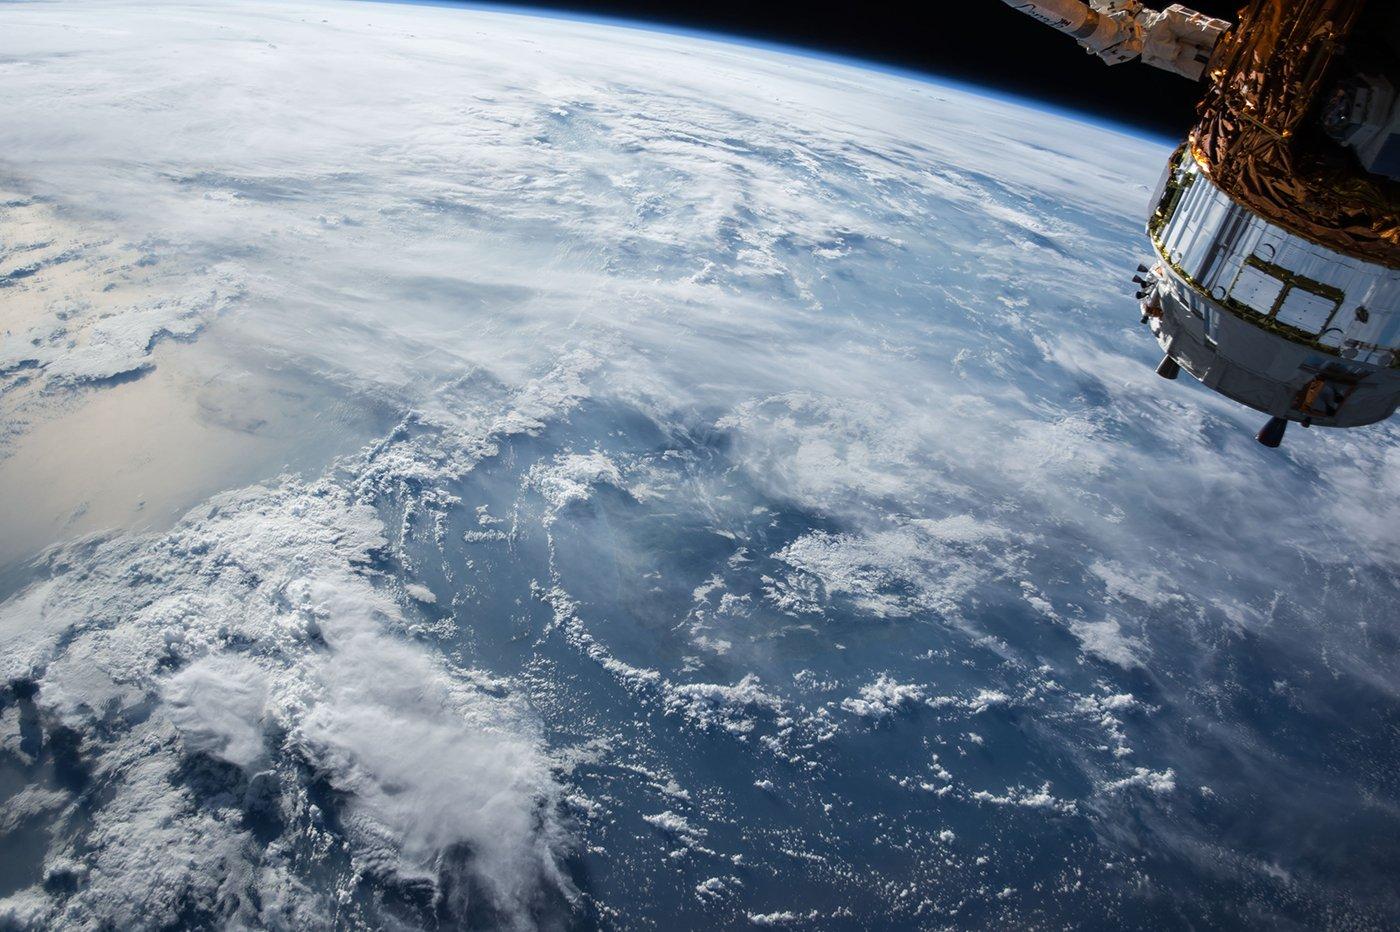 La NASA prend des mesures pour protéger le système solaire de la contamination terrestre